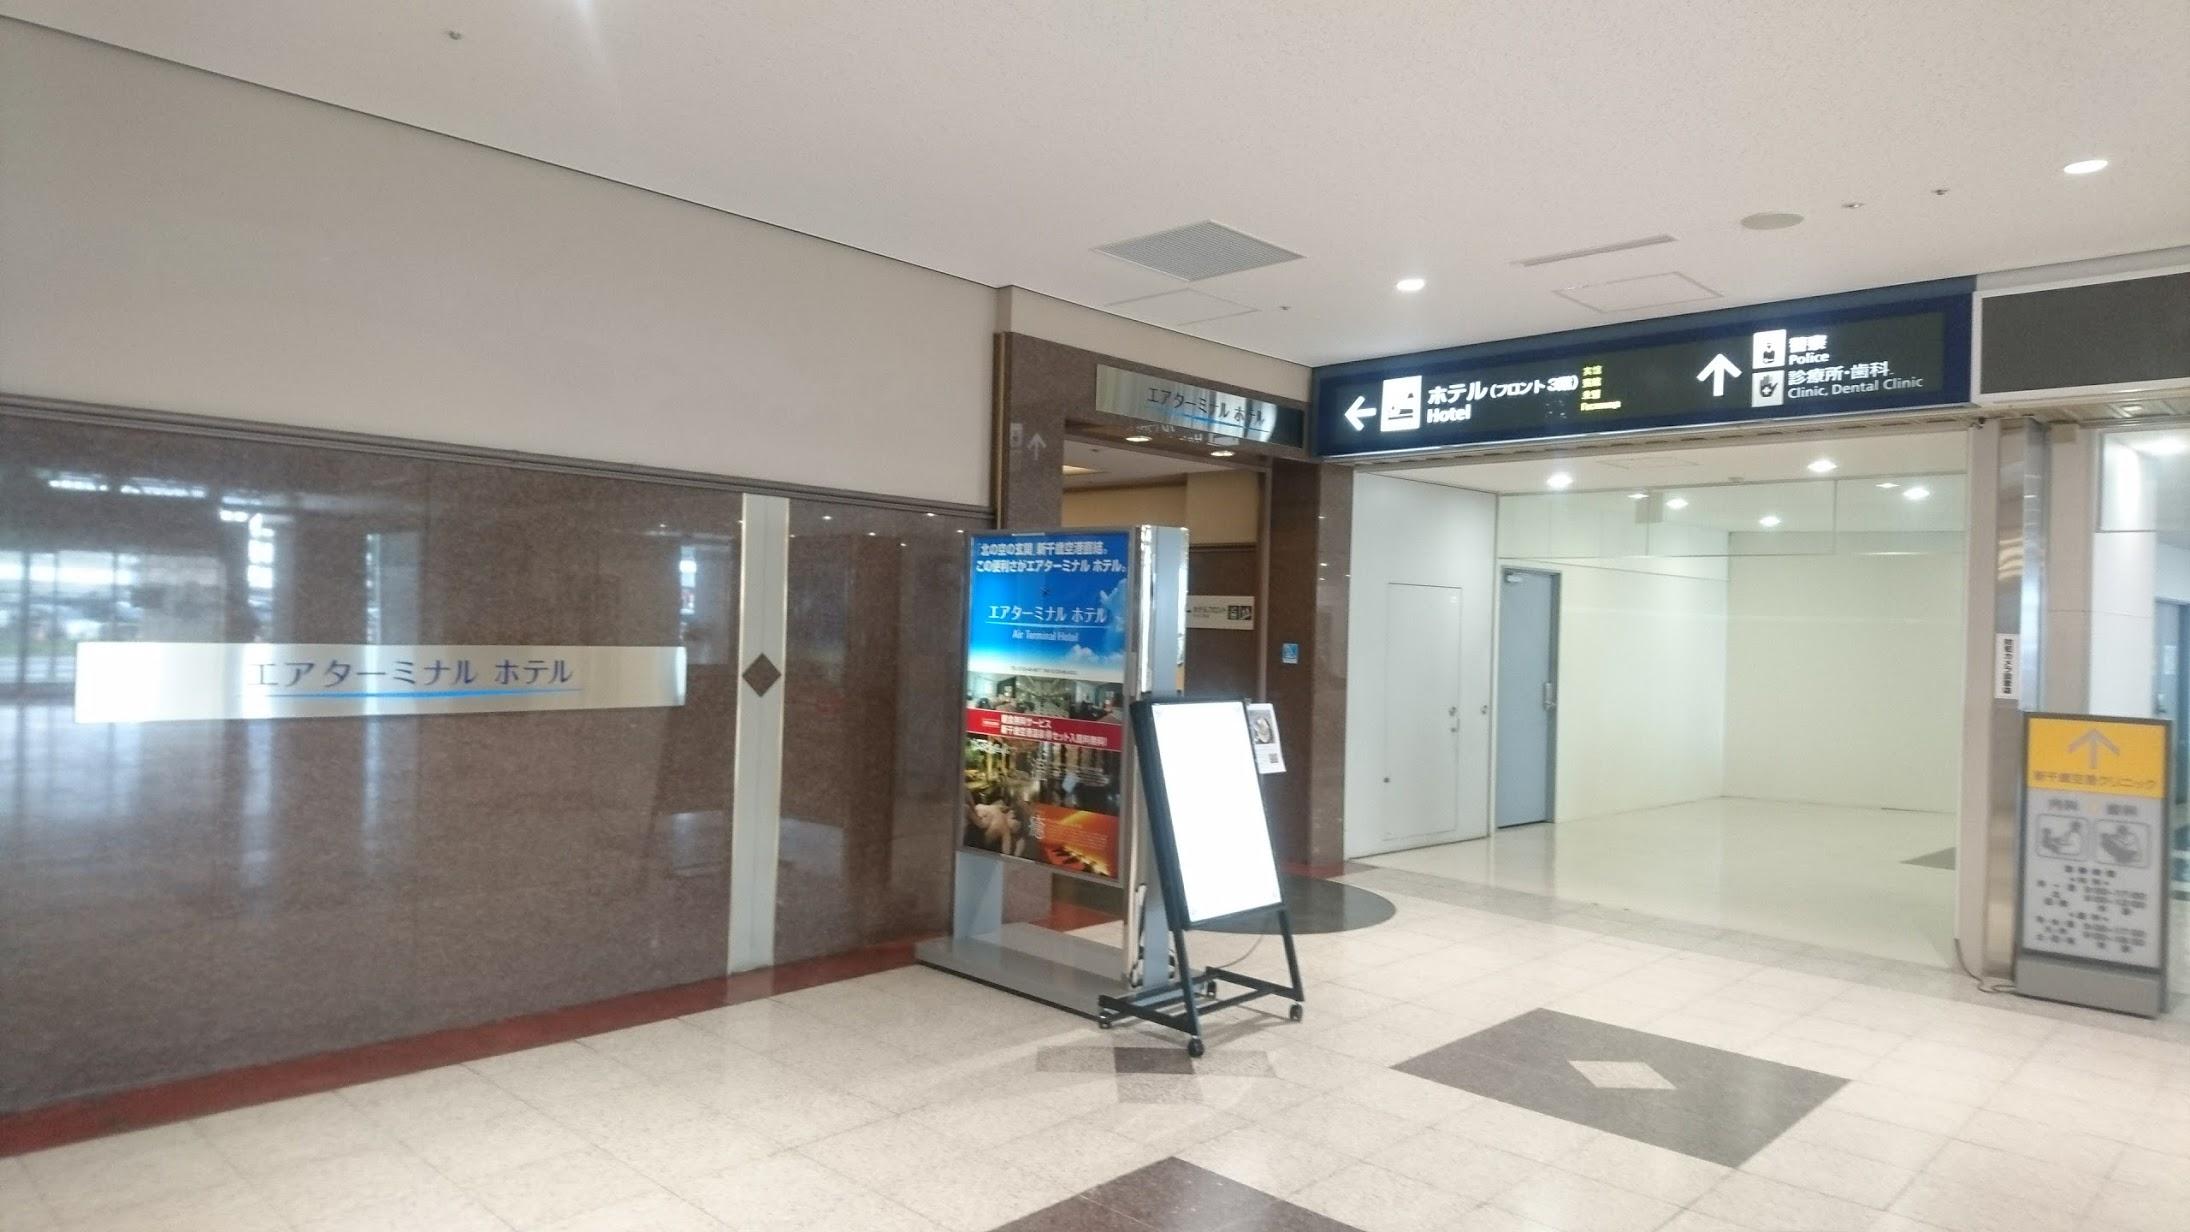 エアターミナルホテル 新千歳空港